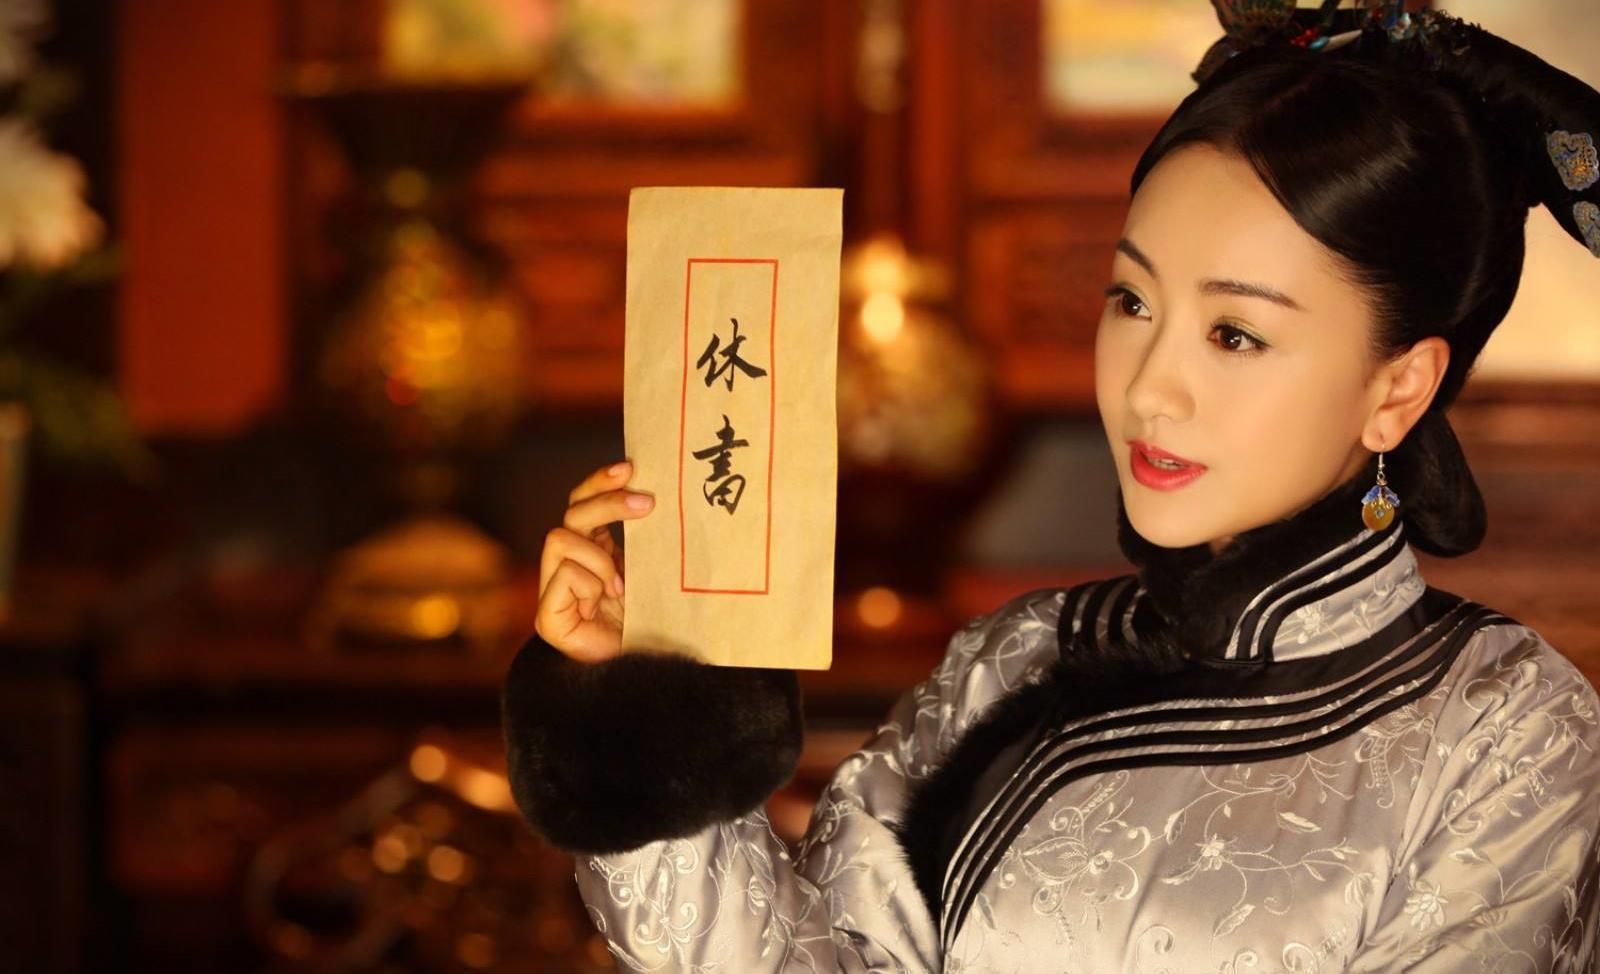 千年女二又演反派!40岁杨蓉再演古装剧,男女主角都是大家的老熟人